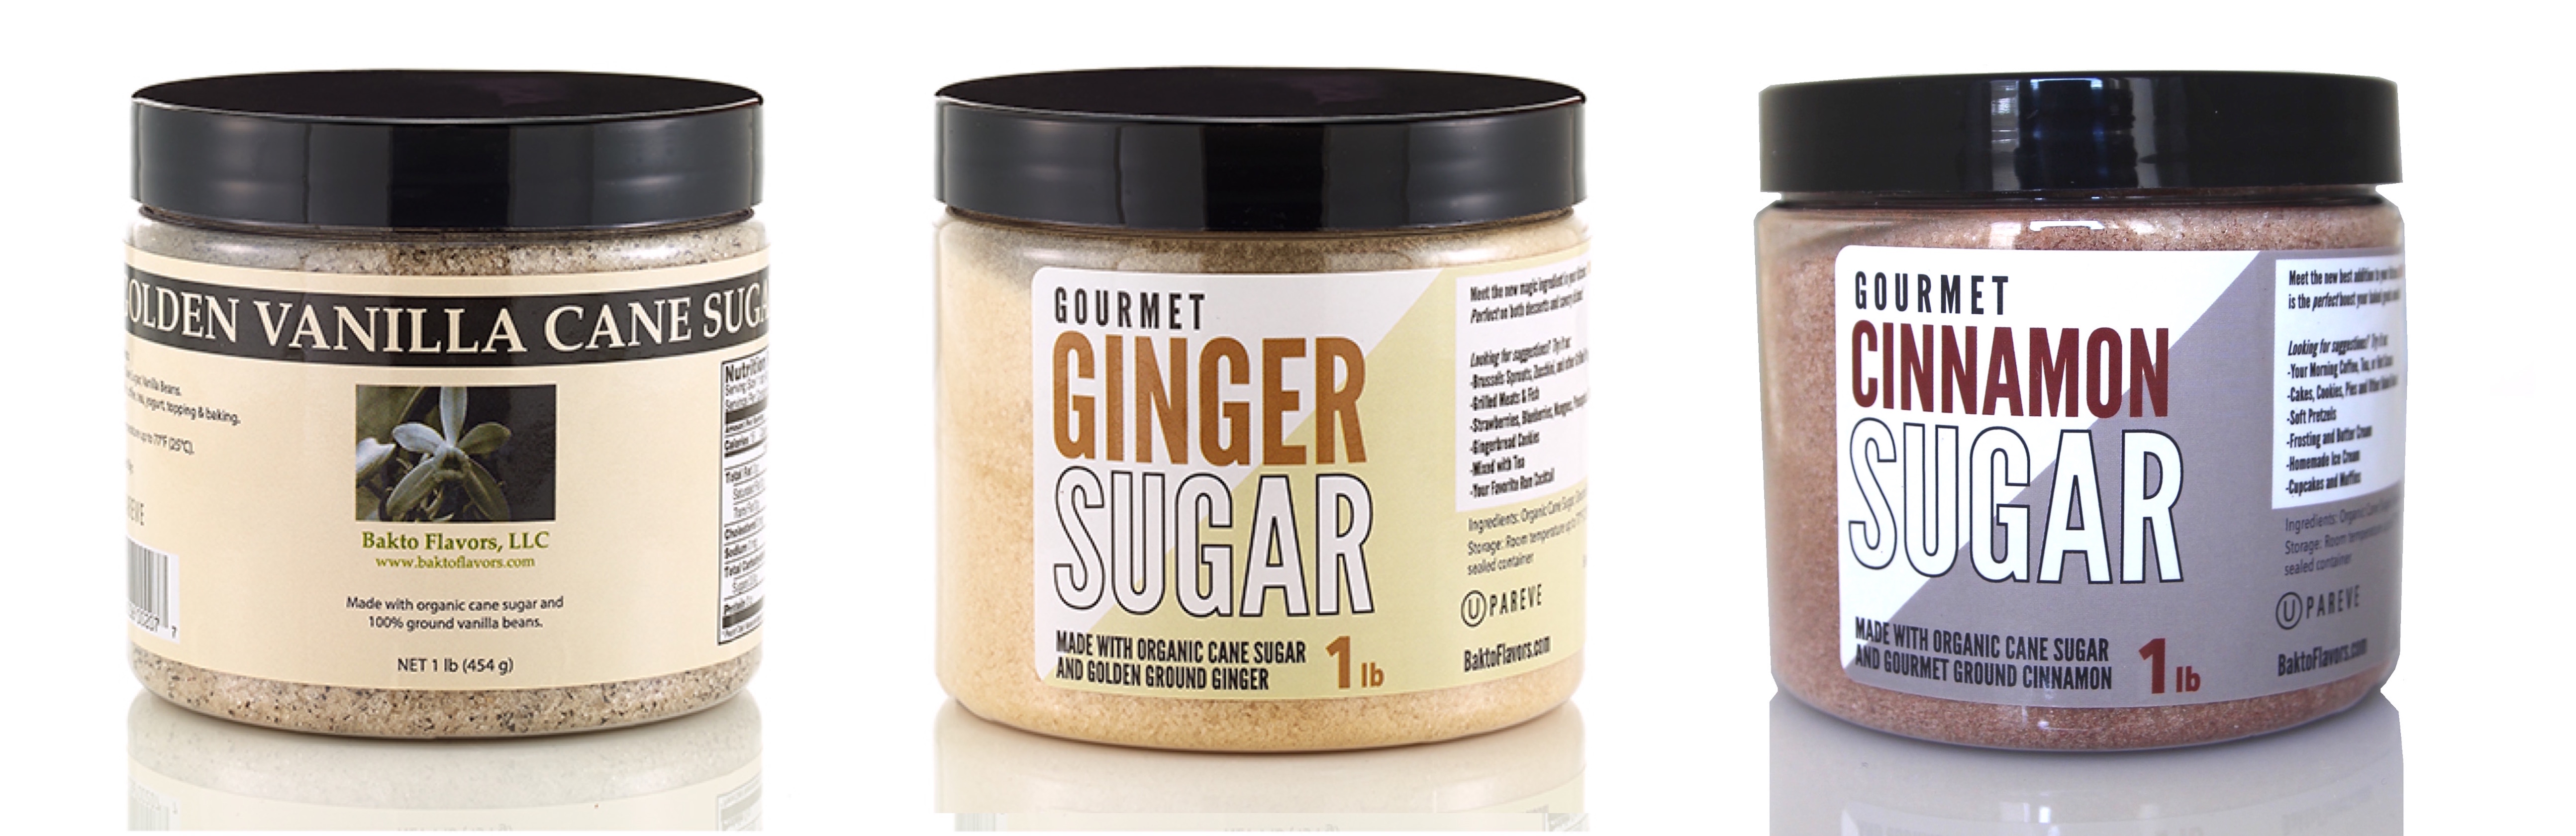 Gourmet Sugars